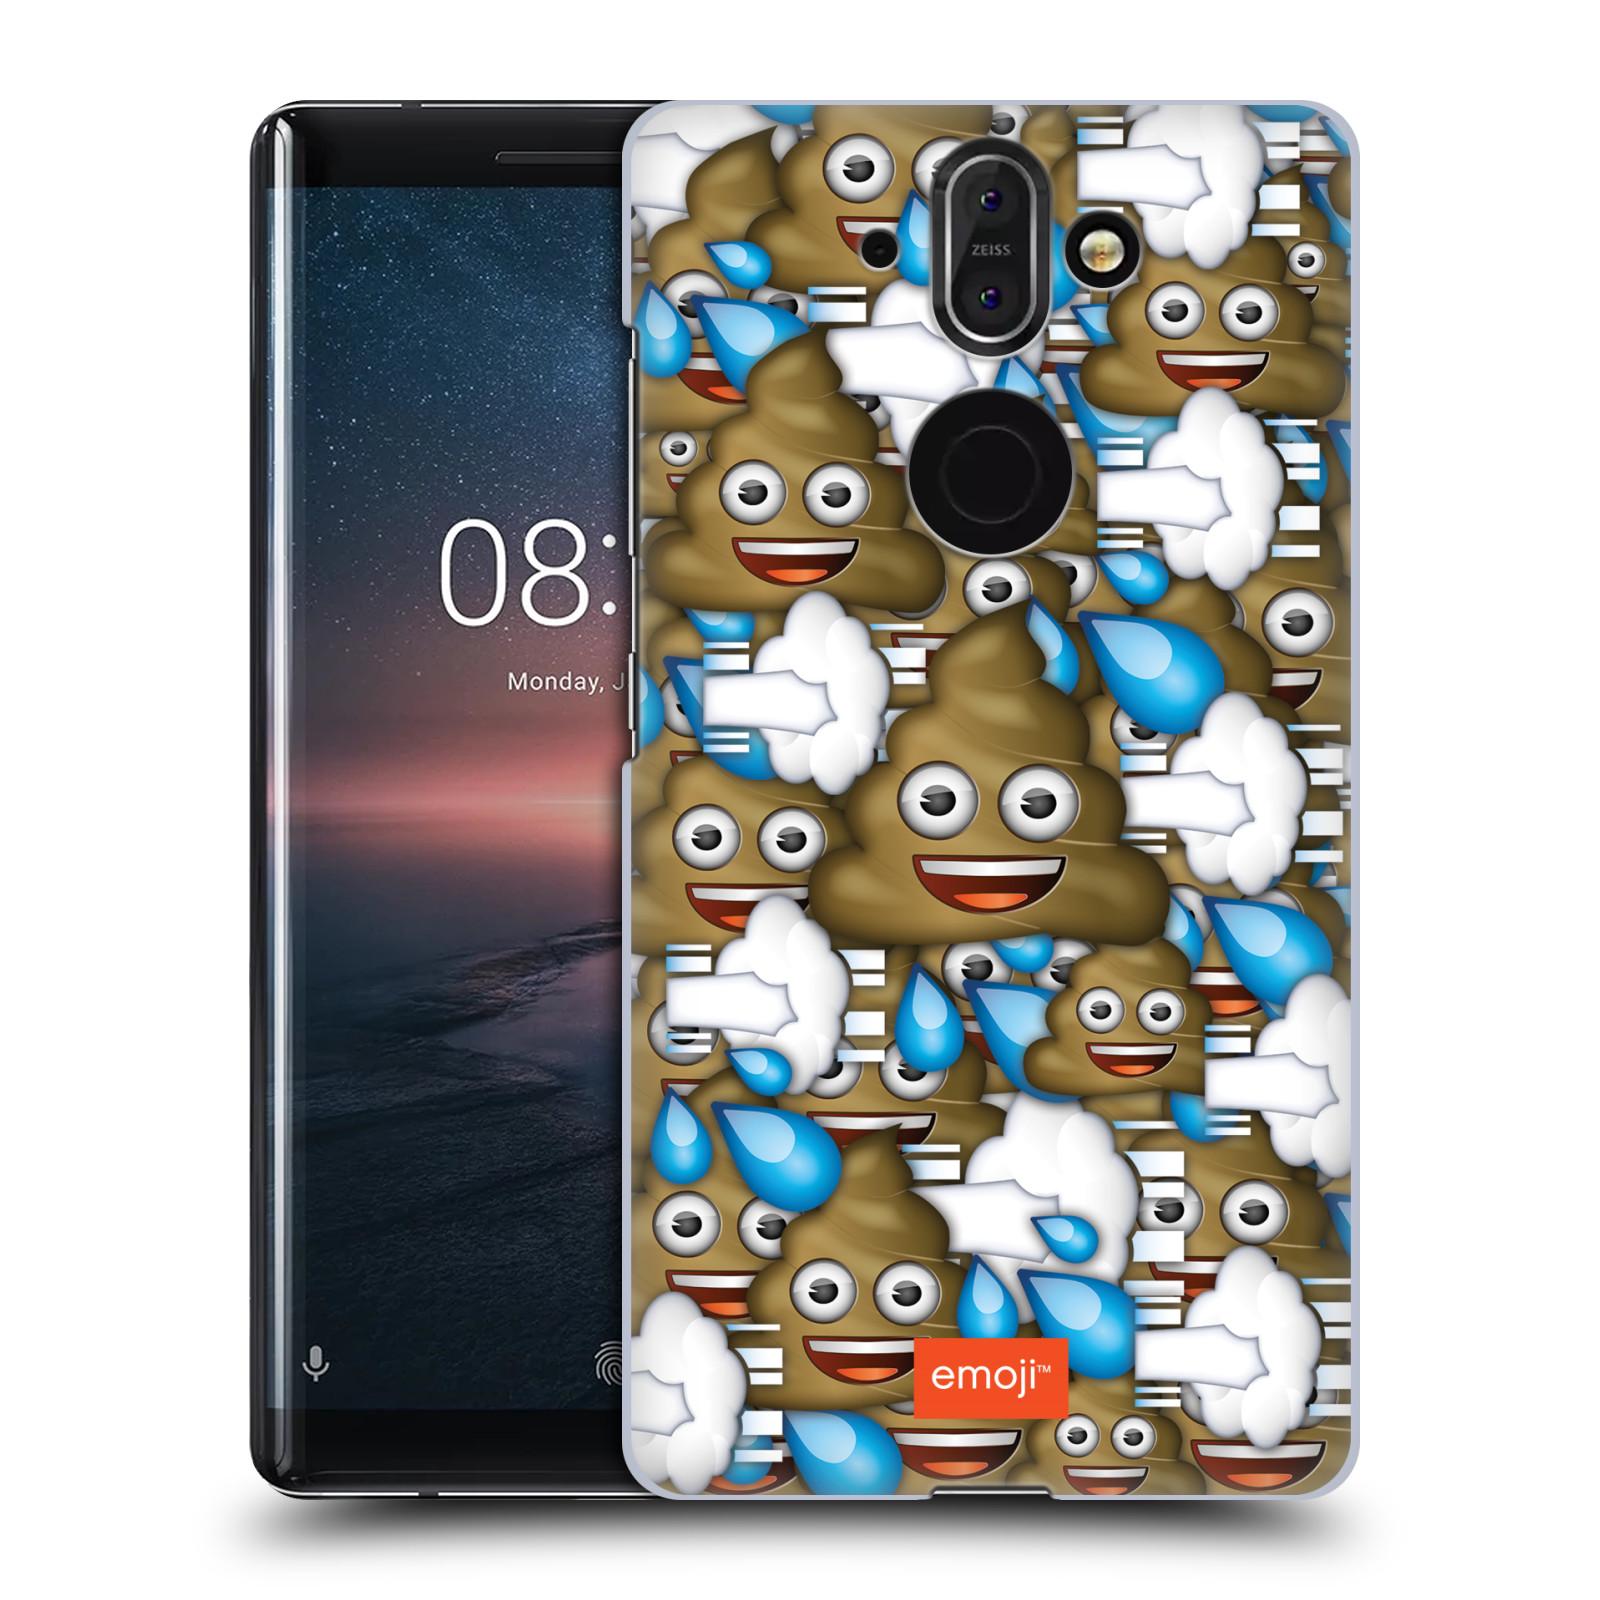 Plastové pouzdro na mobil Nokia 8 Sirocco - Head Case - EMOJI - Hovínka a prdíky